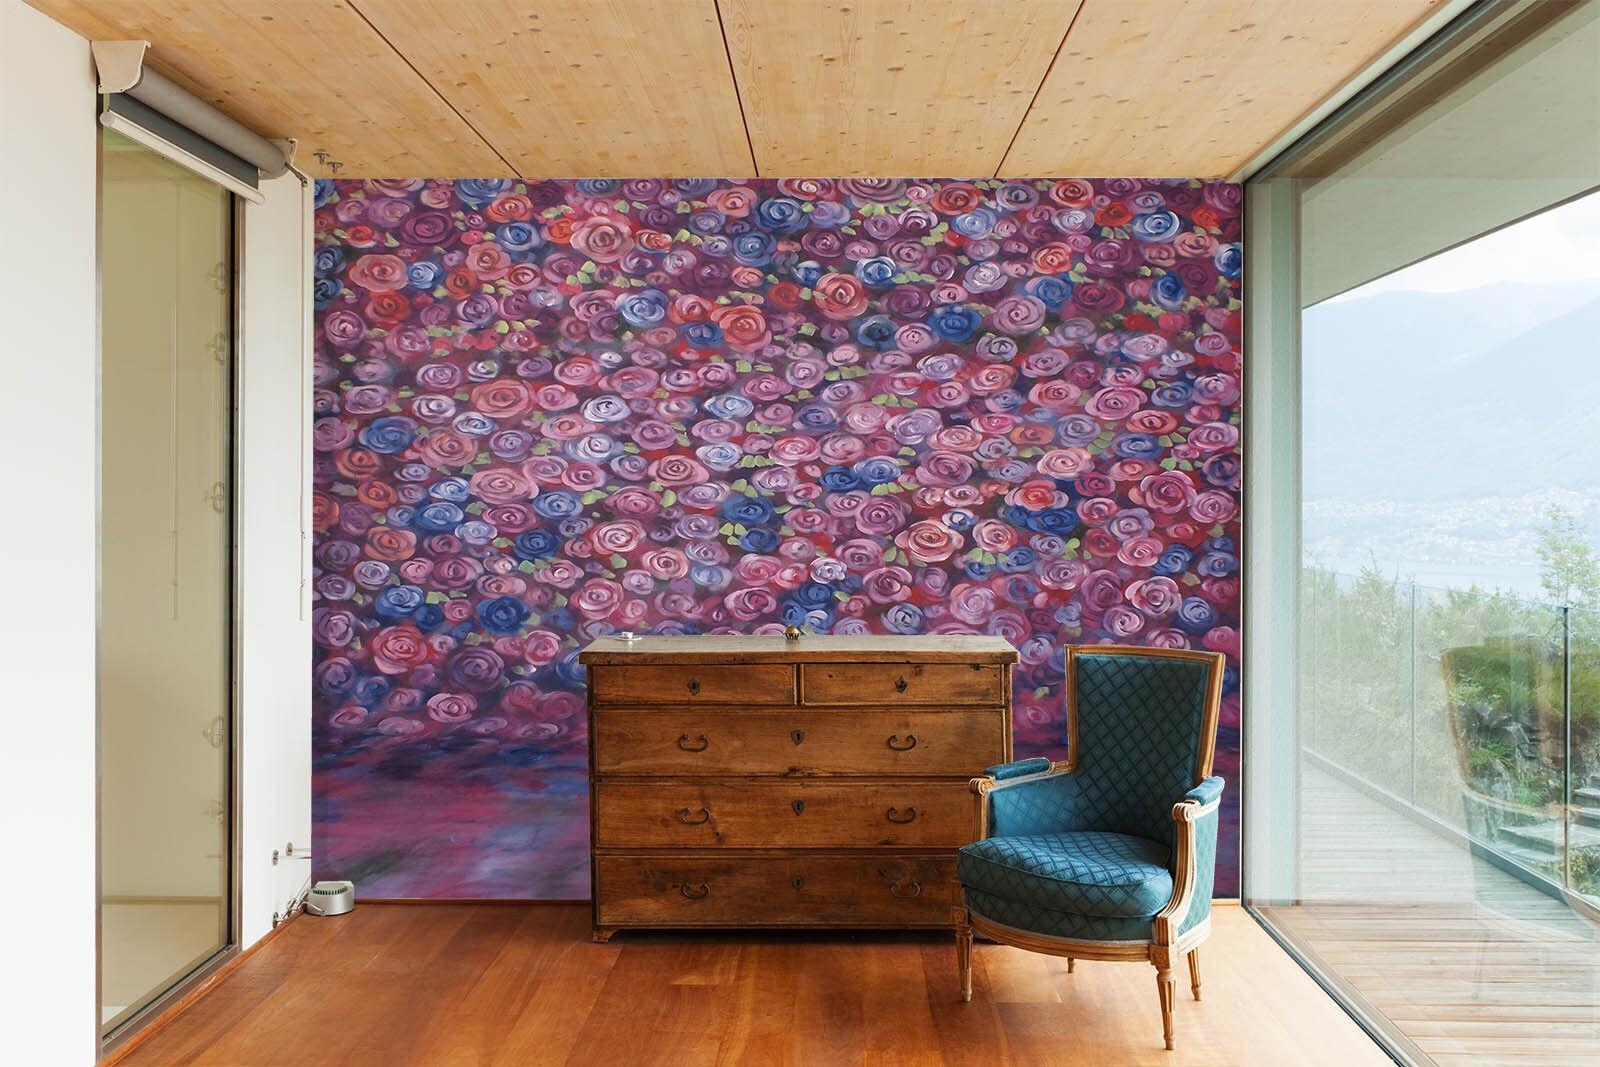 3D Bubble Farbe 436 Wallpaper Murals Wall Print Wall Mural AJ WALL AU Summer